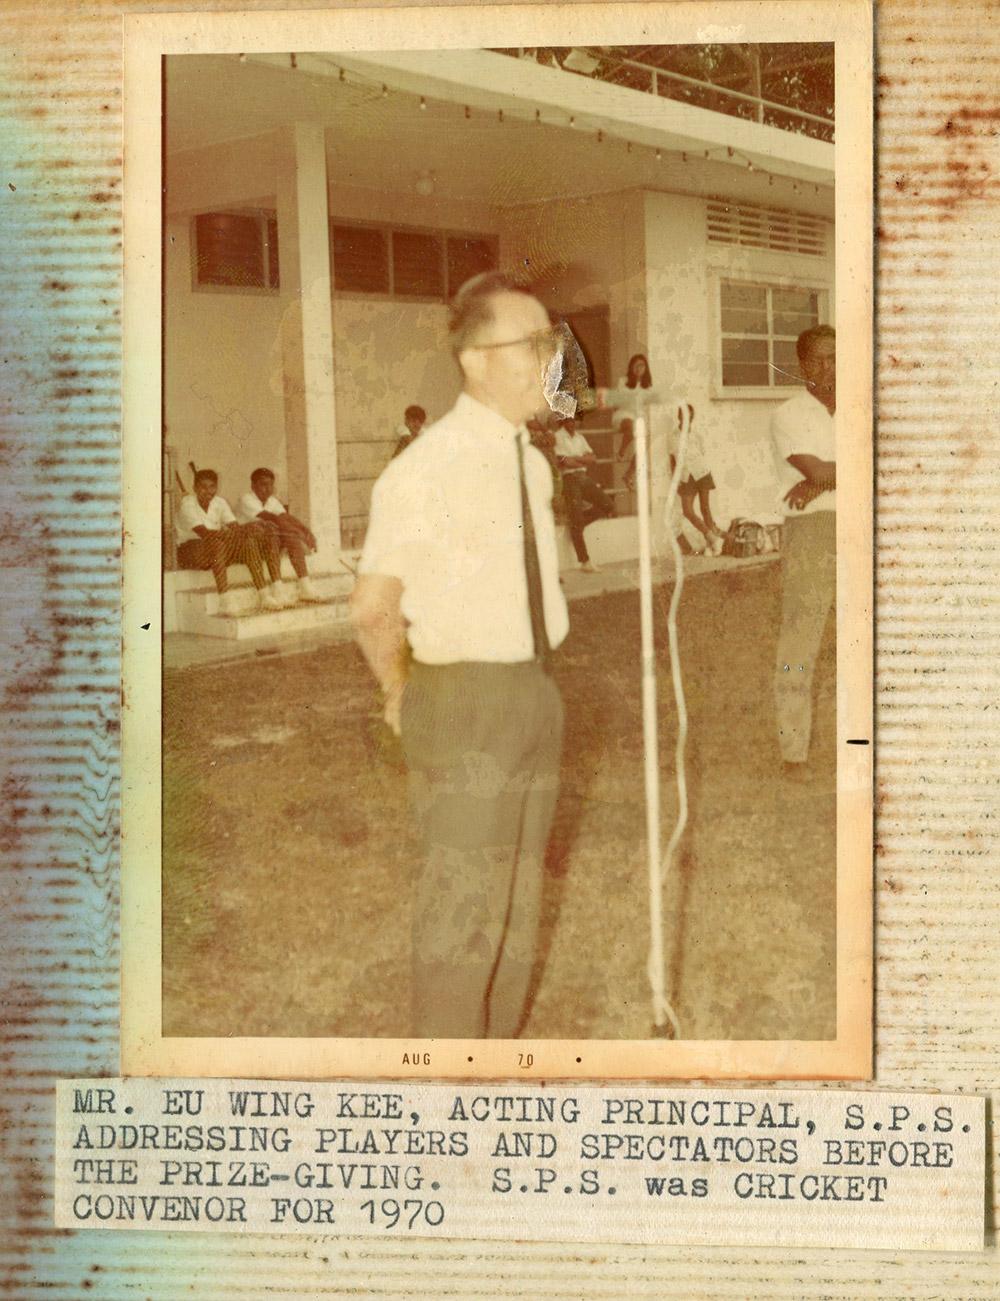 1970-Mr-Eu-Wing-Kee,-_-Cricket-Convenor